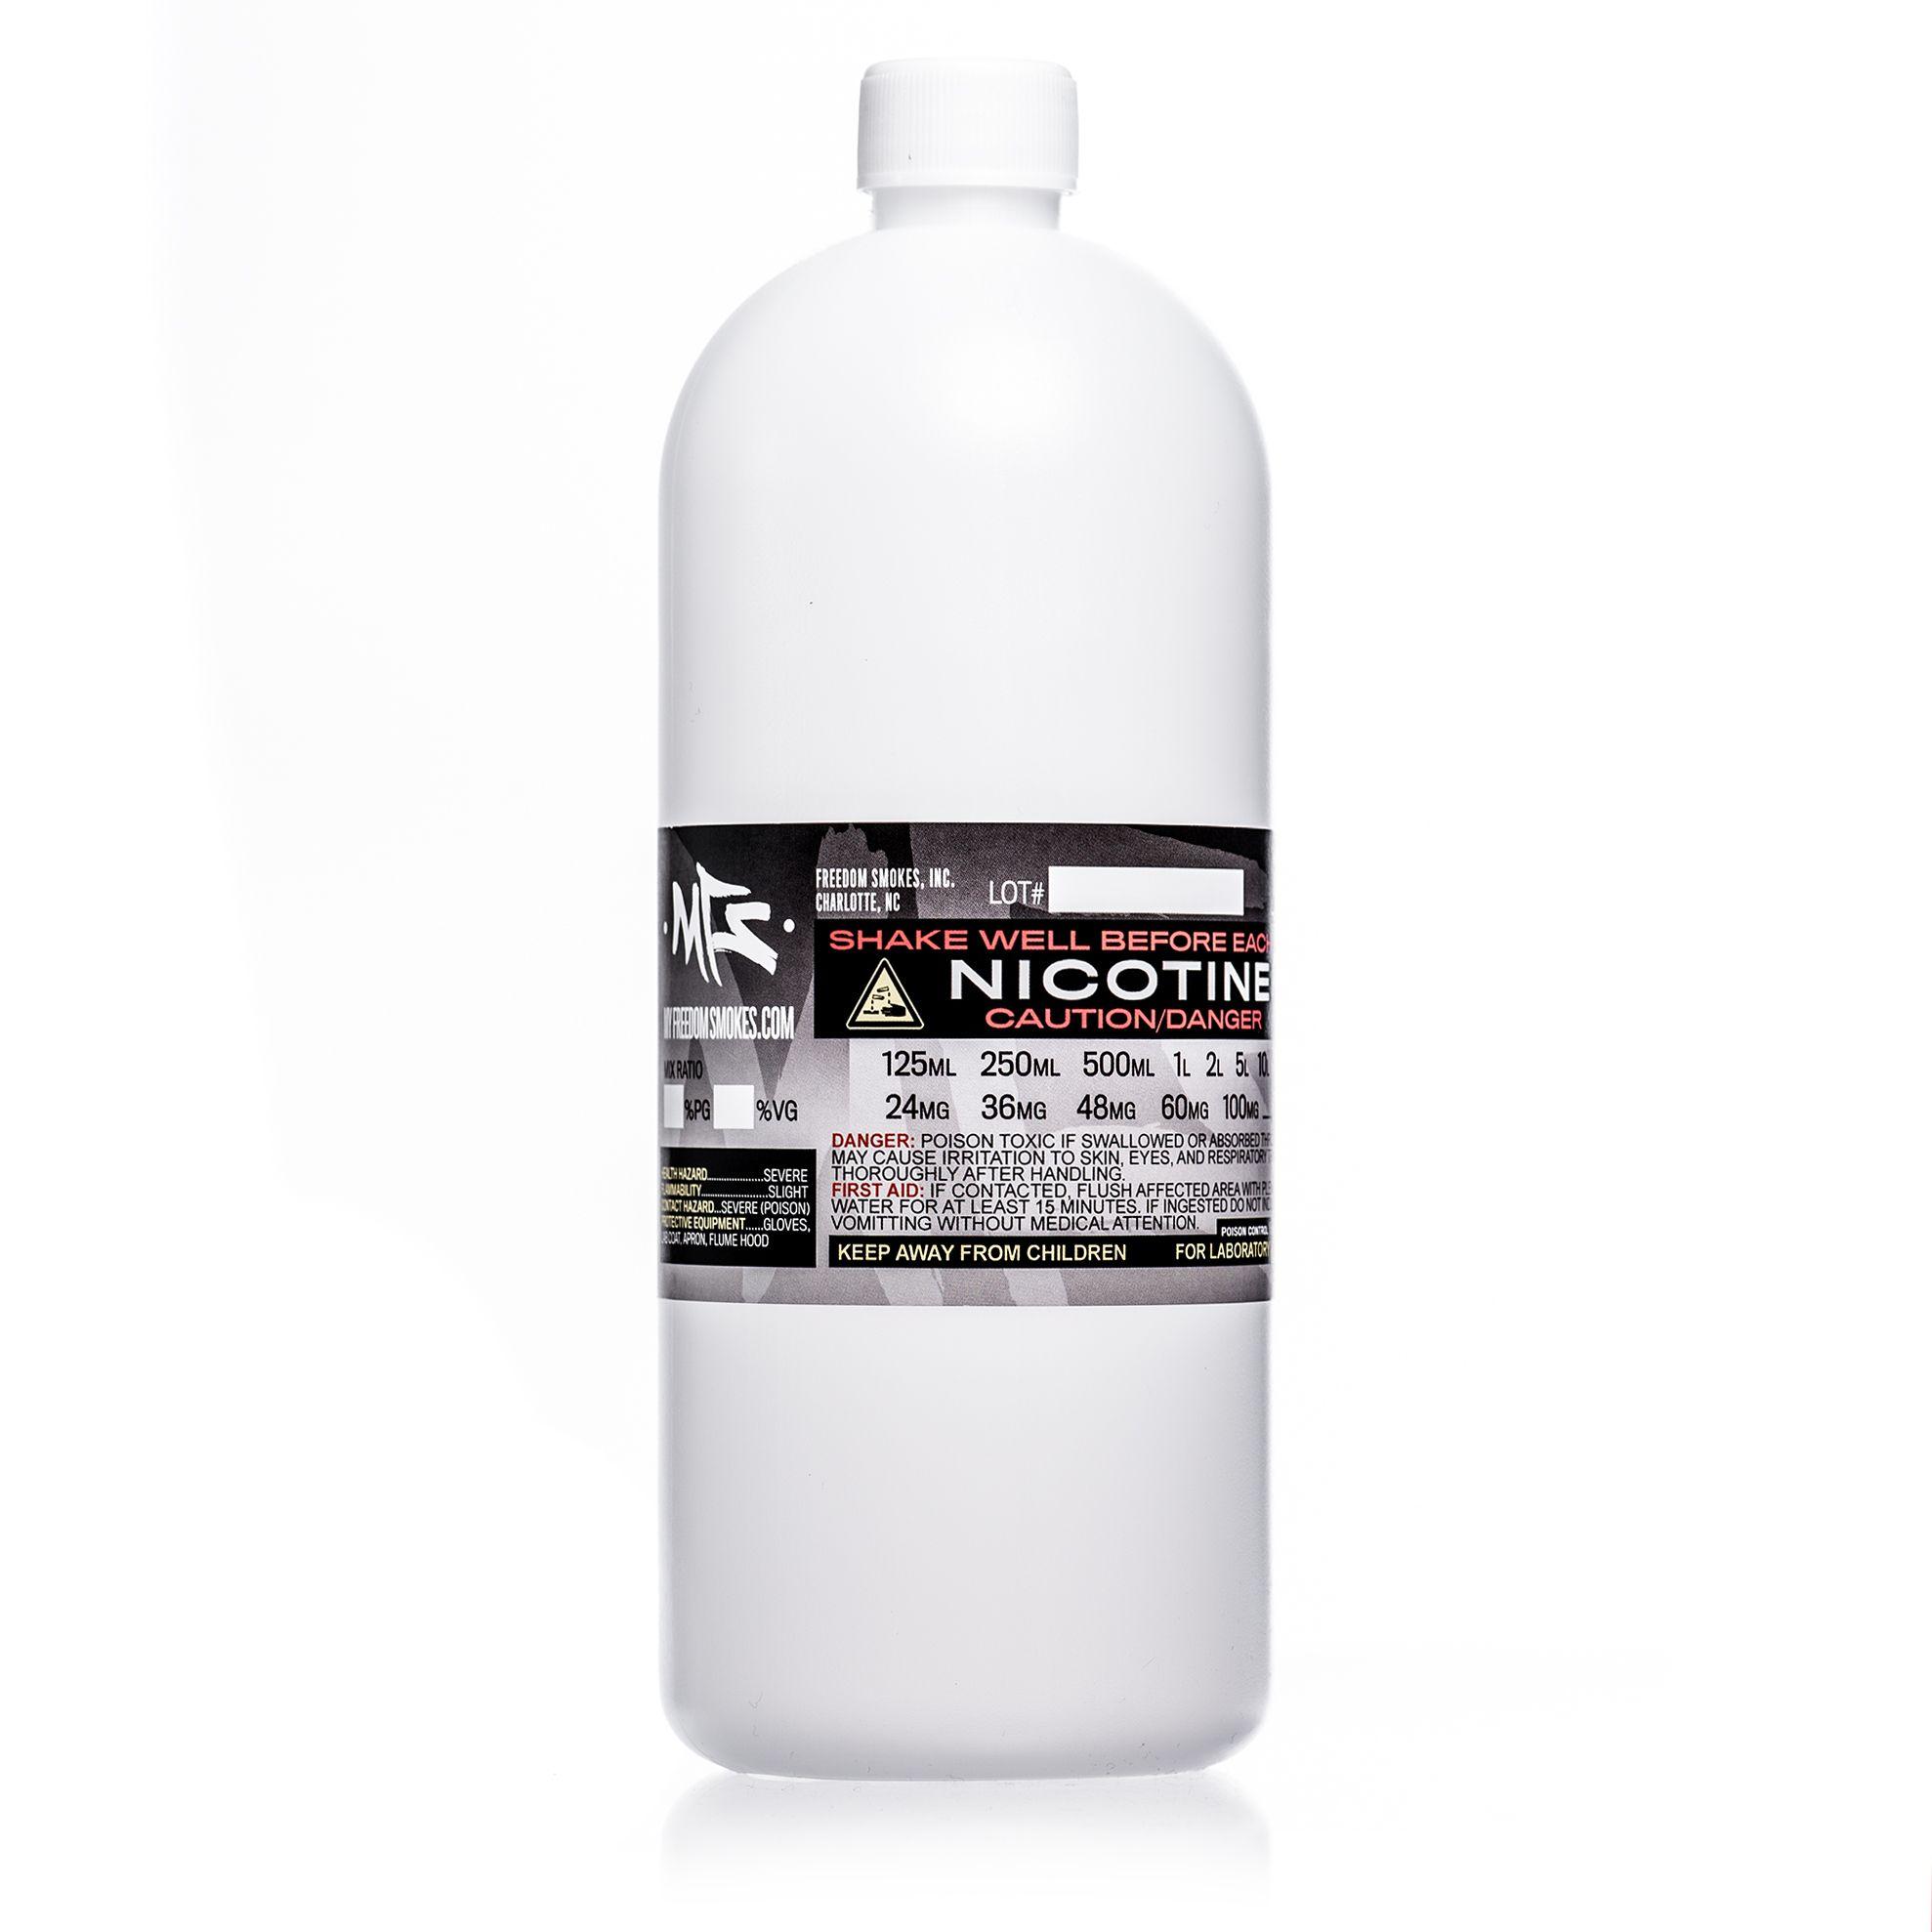 UnFlavored Nicotine E-Liquid Base - 1-Liter Container   liquid